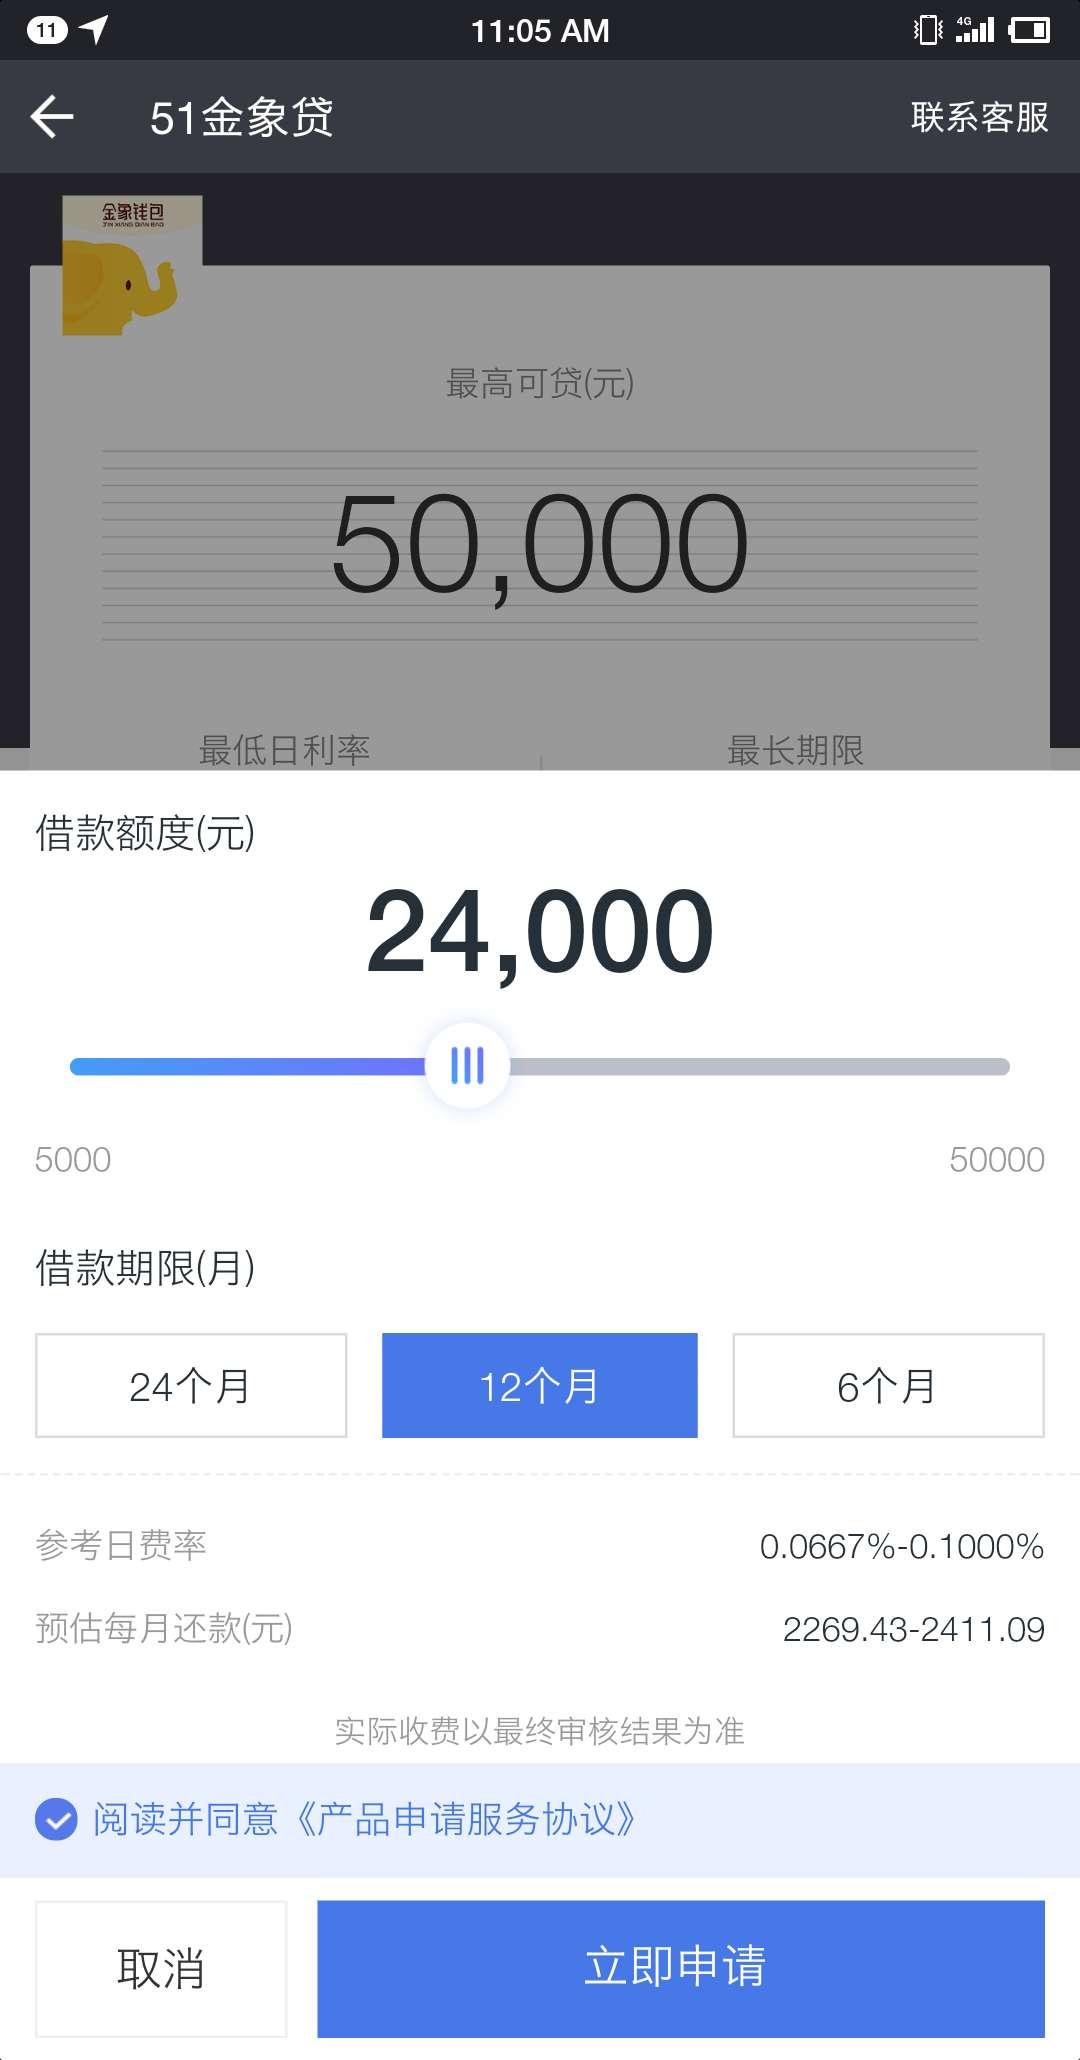 公积金借款新口:51金象贷,最高可借五万,最长24期!74 / 作者:飞泉鸣月 /